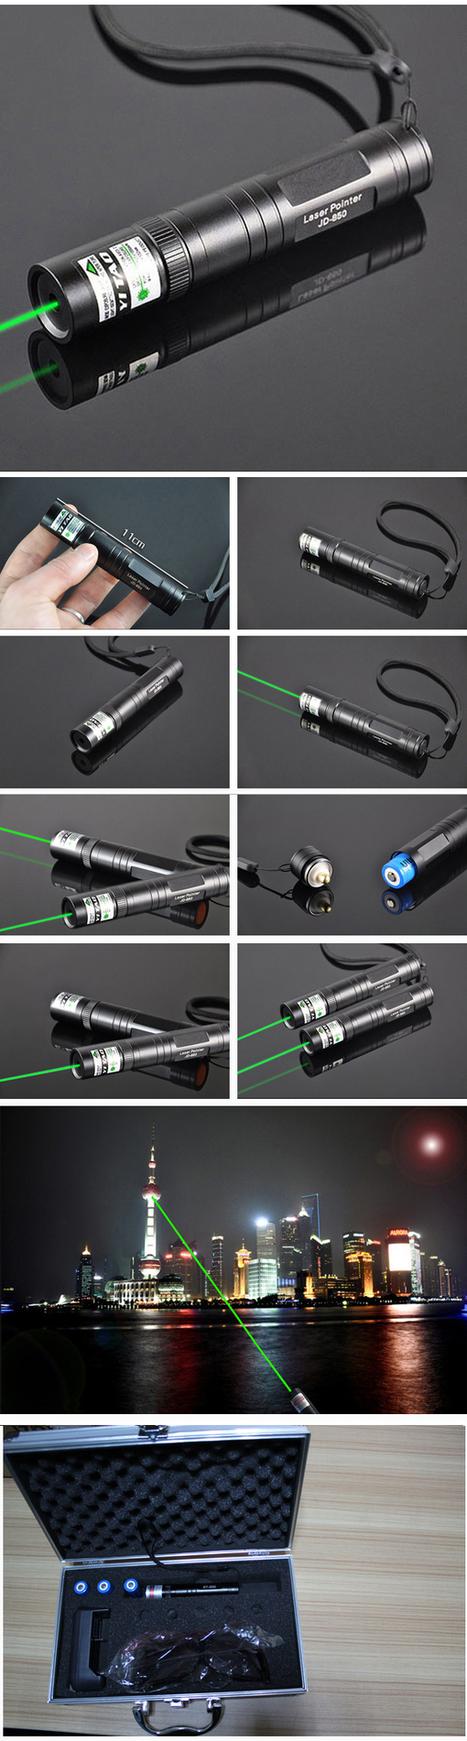 Brand neue Laserpointer 1000mW Grün Stärke | notebookakkus | Scoop.it